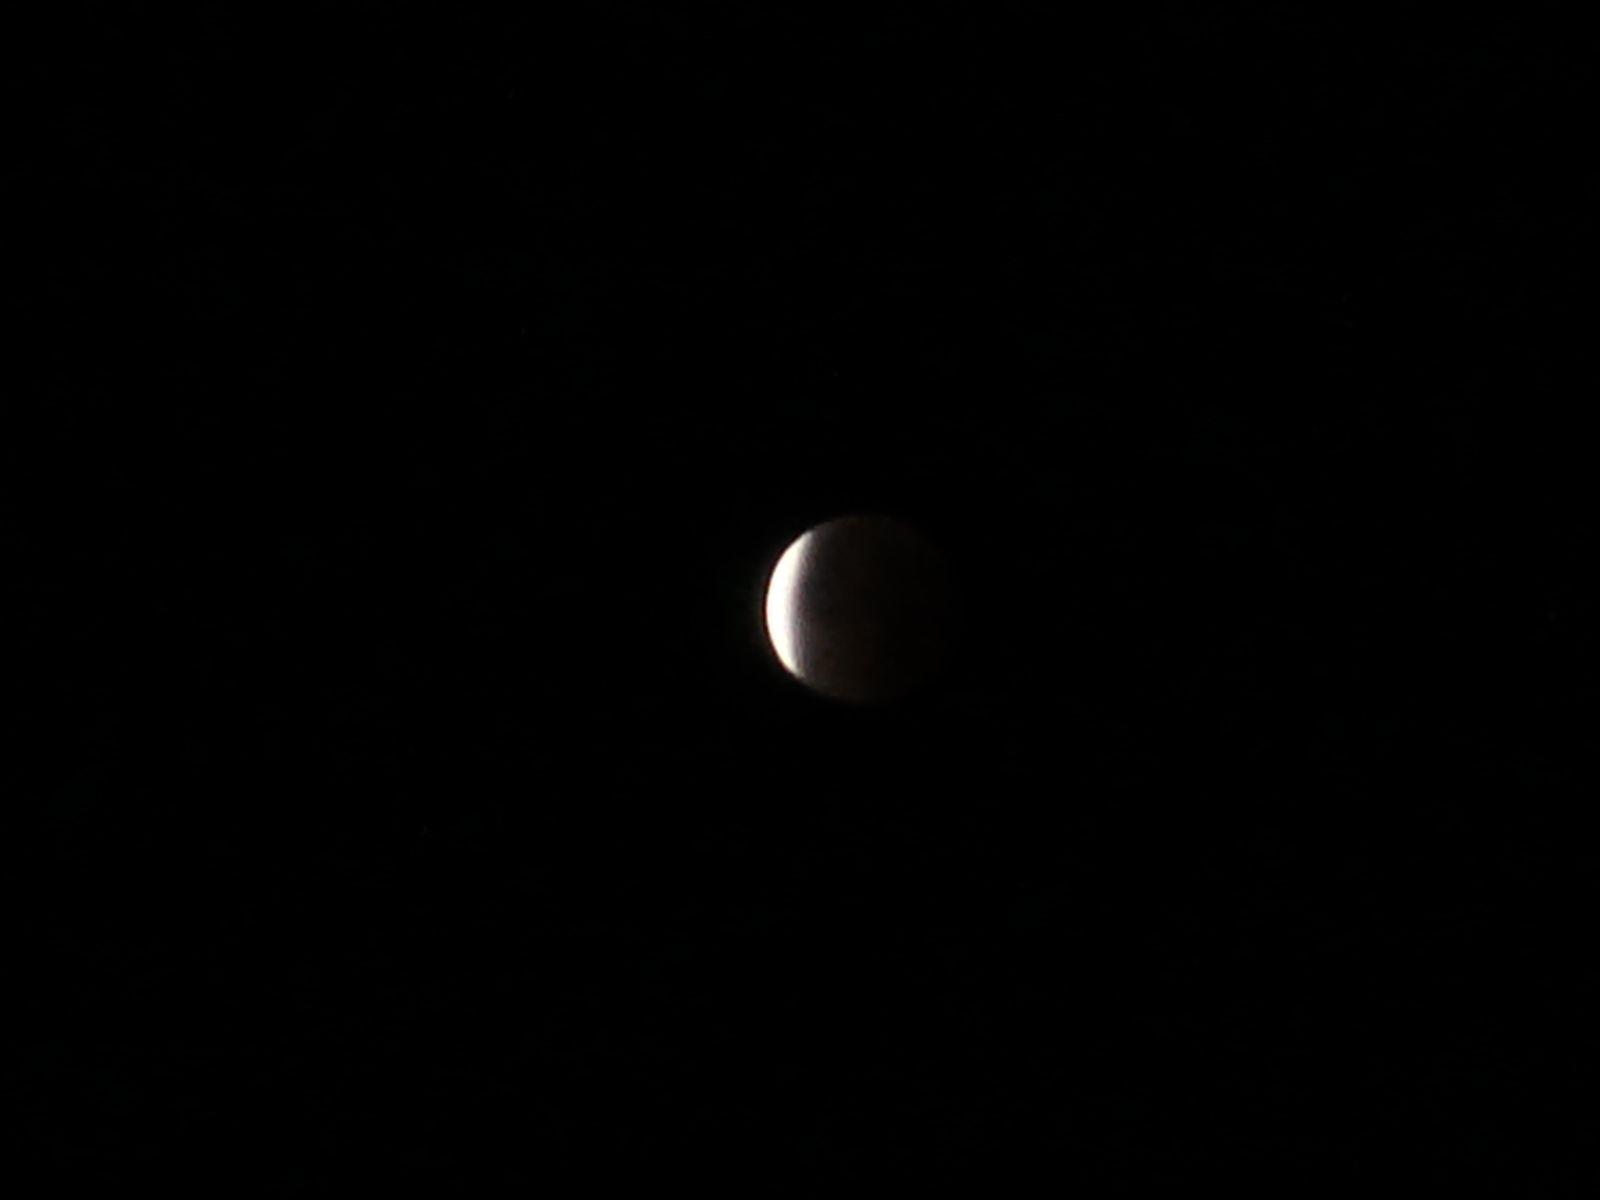 lunar_eclipse_163.jpg